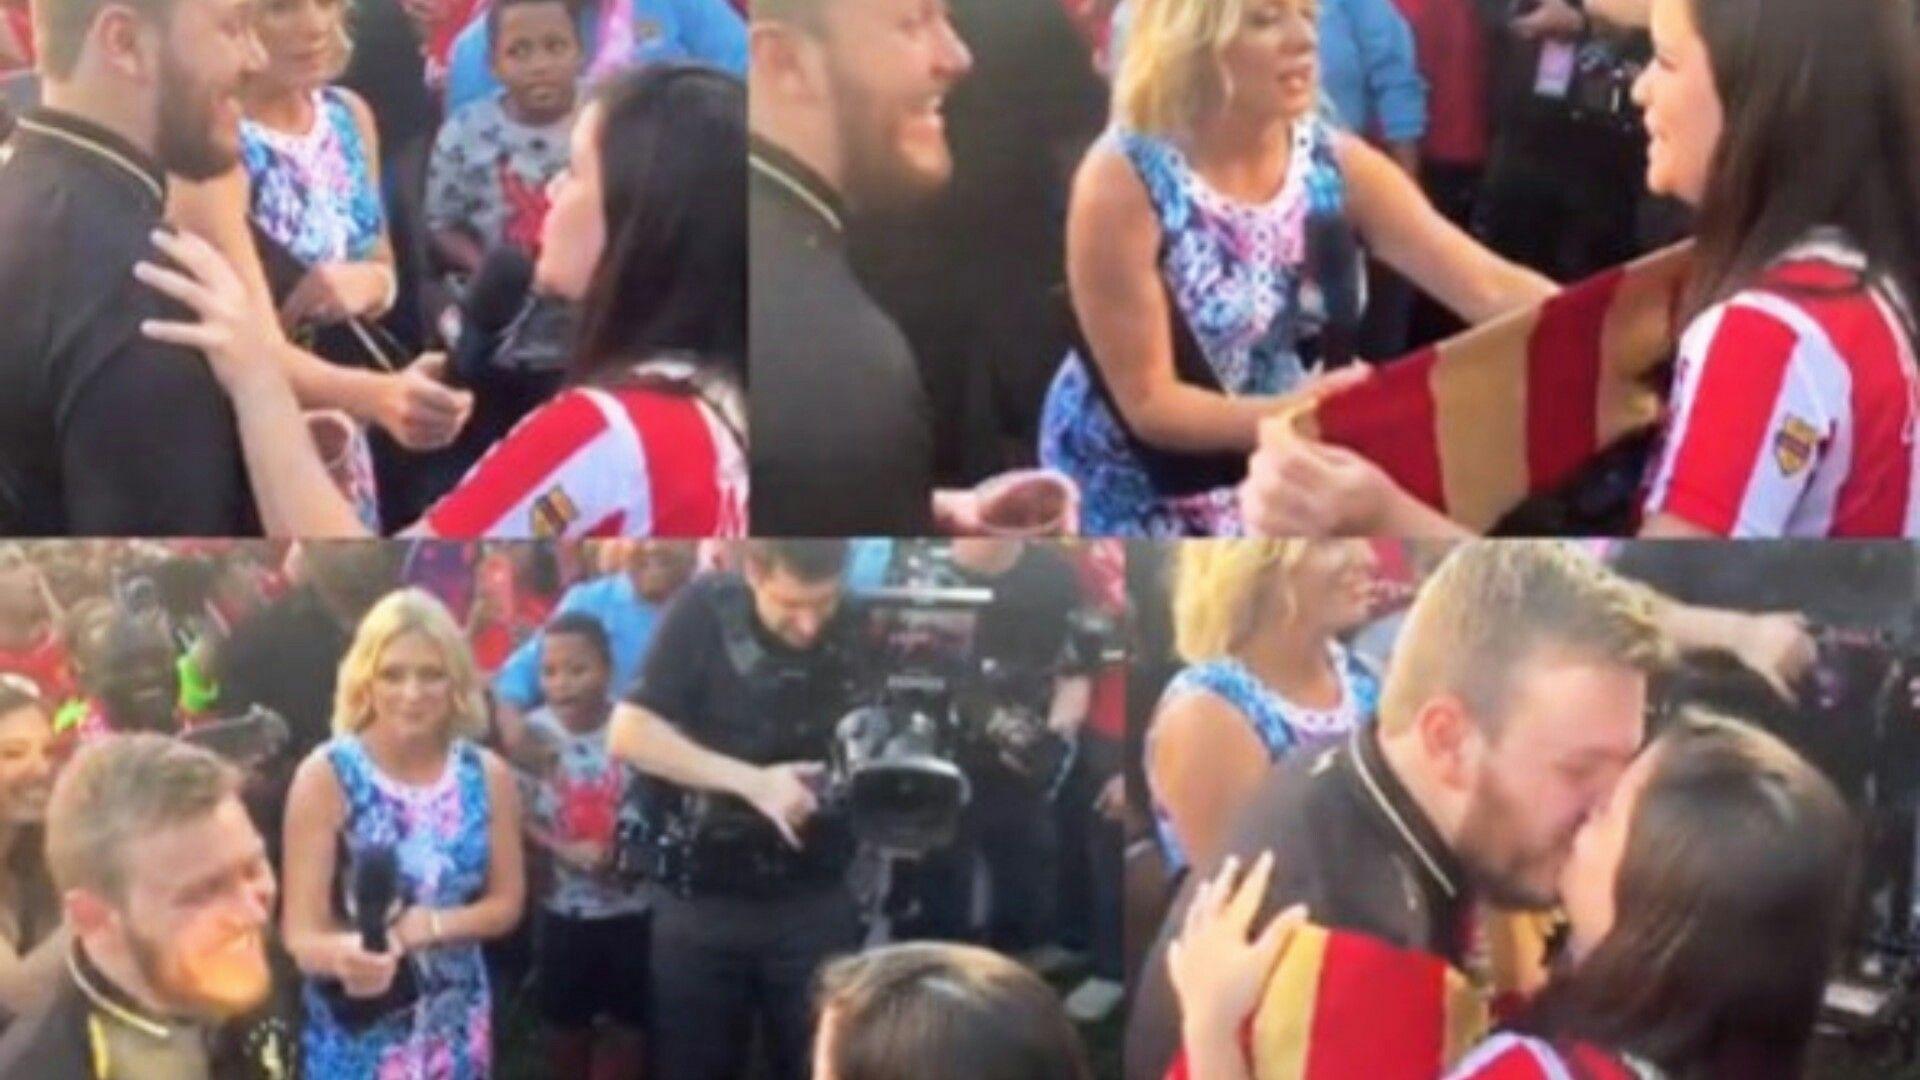 Una joven y bella mujer barranquillera y residente desde hace muchos años en la ciudad de Miami, decidió romper todos los estereotipos y se lanzó 'al agua' en medio de una gran multitud para pedirle a su novio que se casara con ella